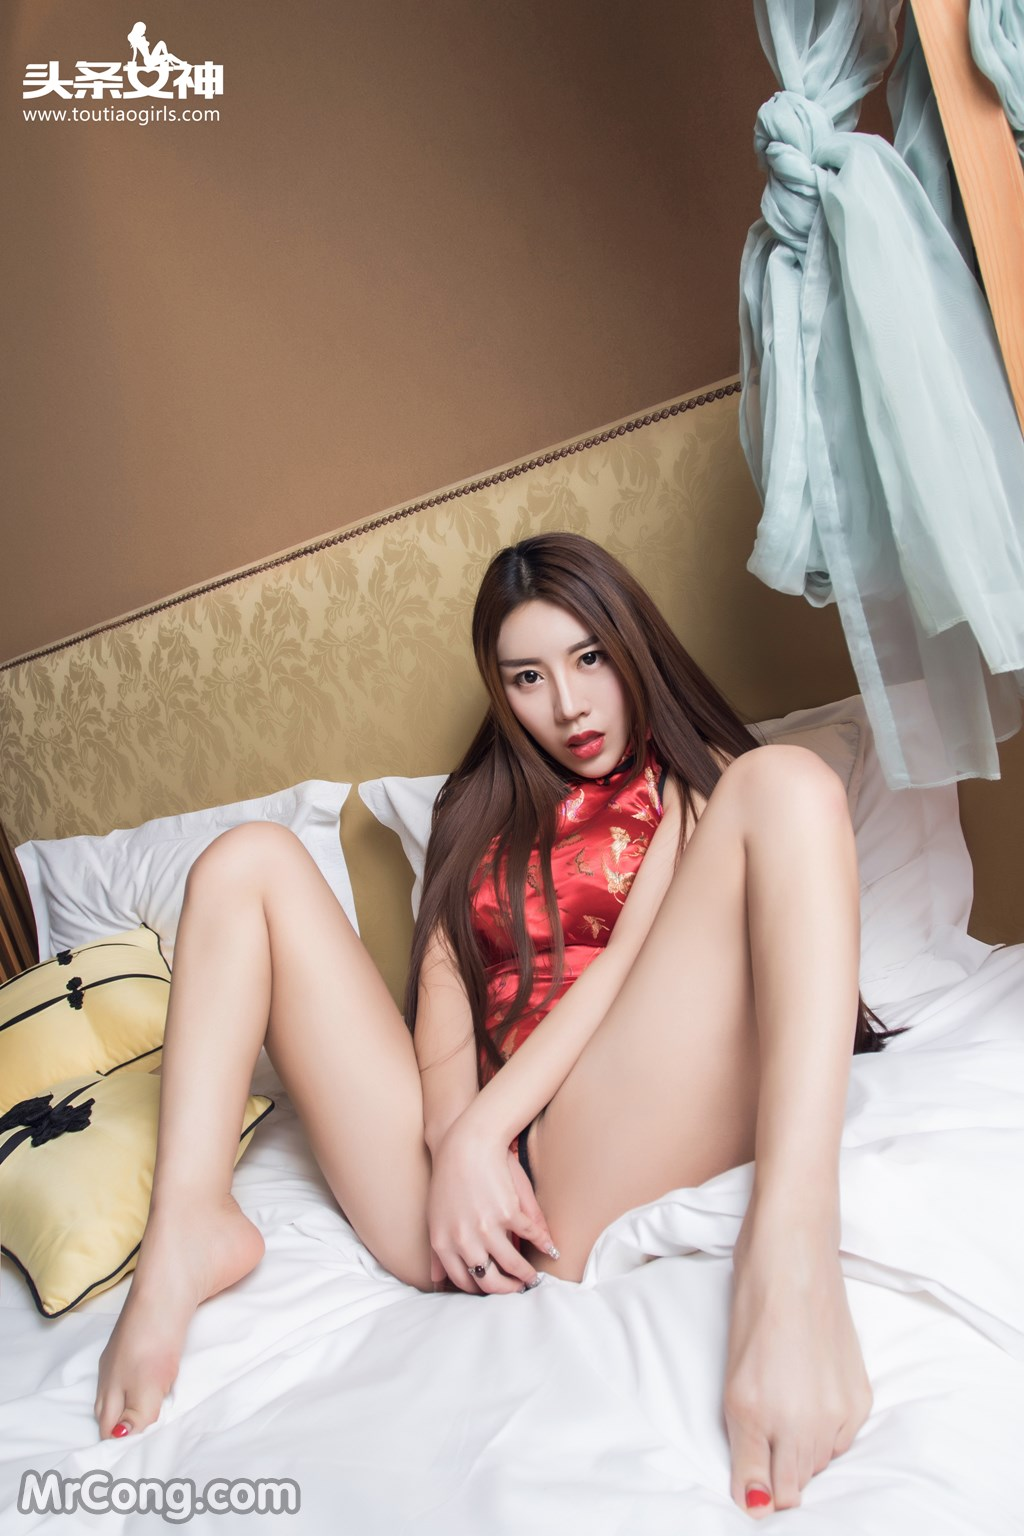 Image MrCong.com-TouTiao-2016-12-13-An-Su-Rui-010 in post TouTiao 2016-12-13: Người mẫu An Su Rui (安苏芮) (18 ảnh)